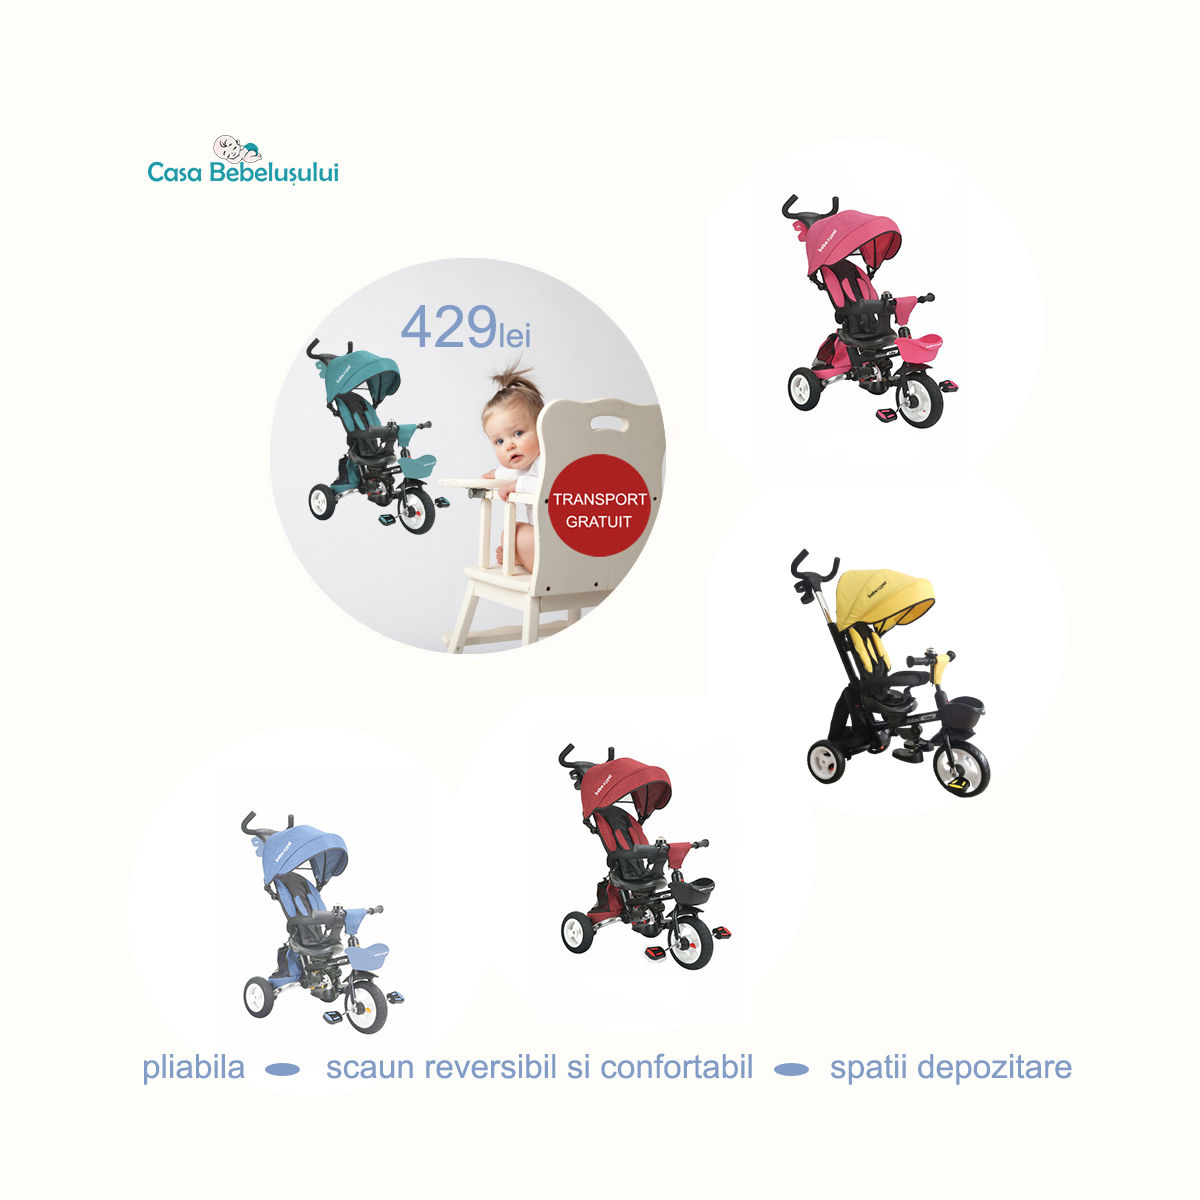 Casabebelusului - Tricicleta Milano 429 lei